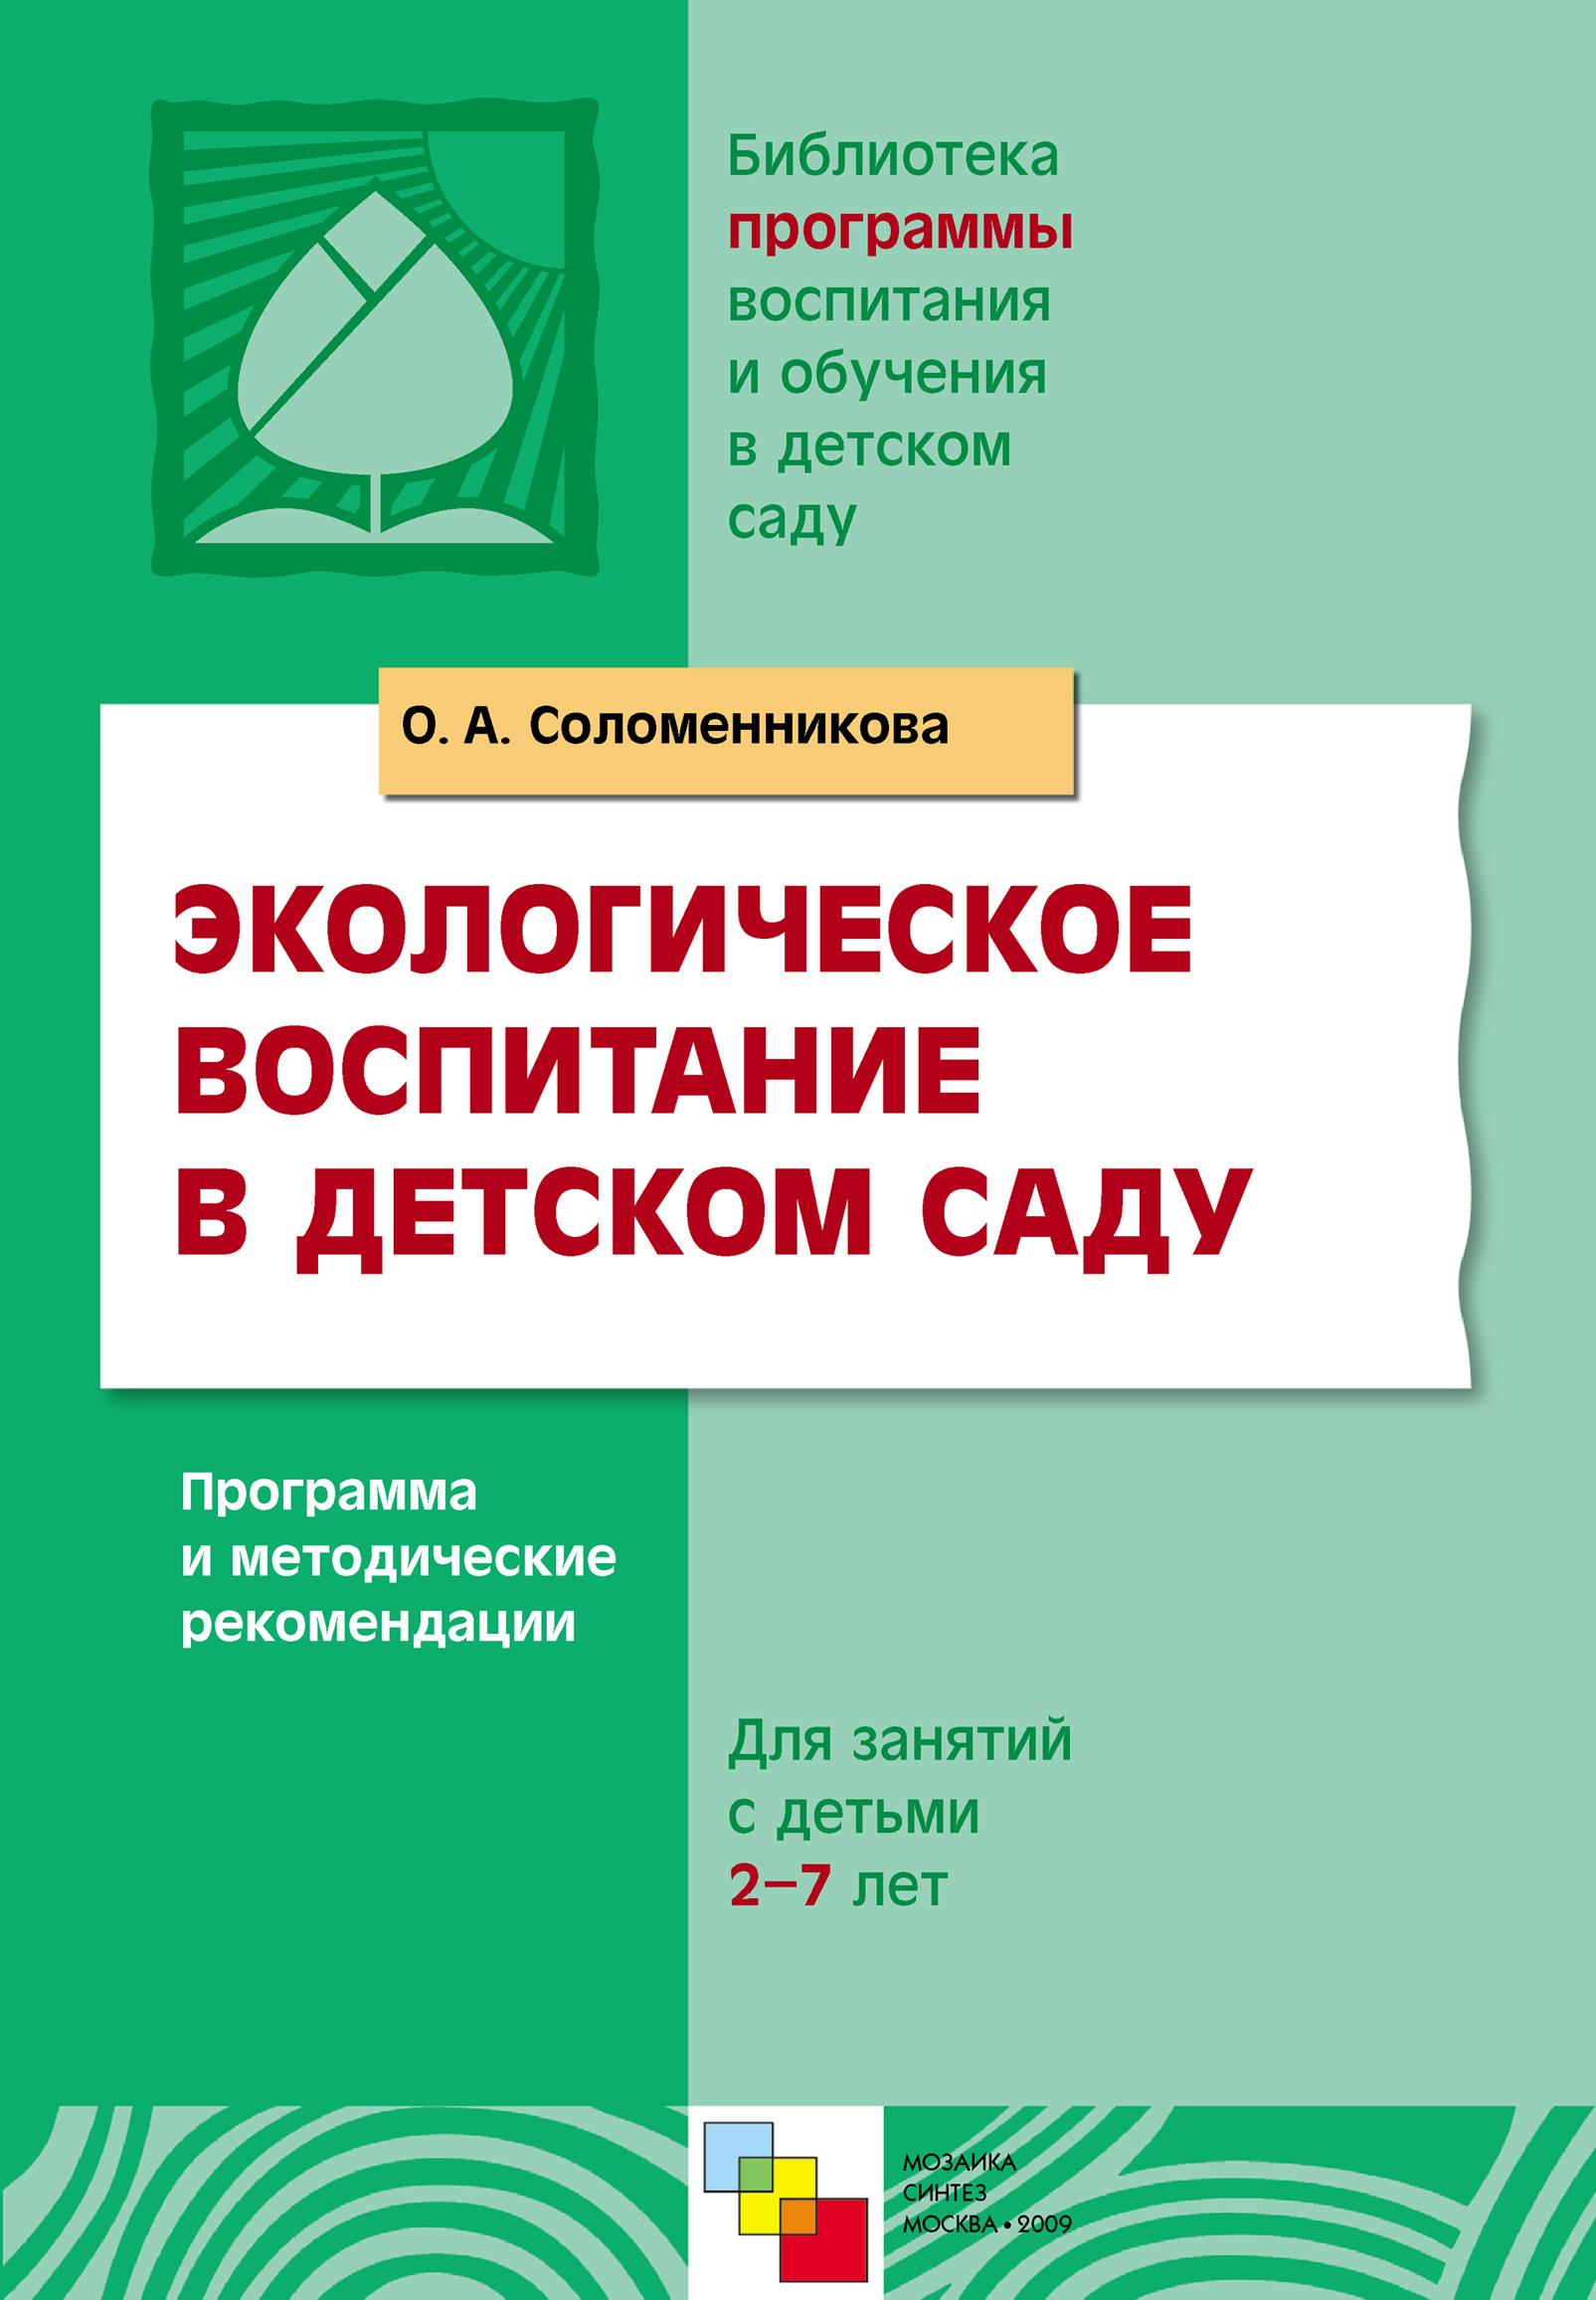 О. А. Соломенникова Экологическое воспитание в детском саду. Программа и методические рекомендации